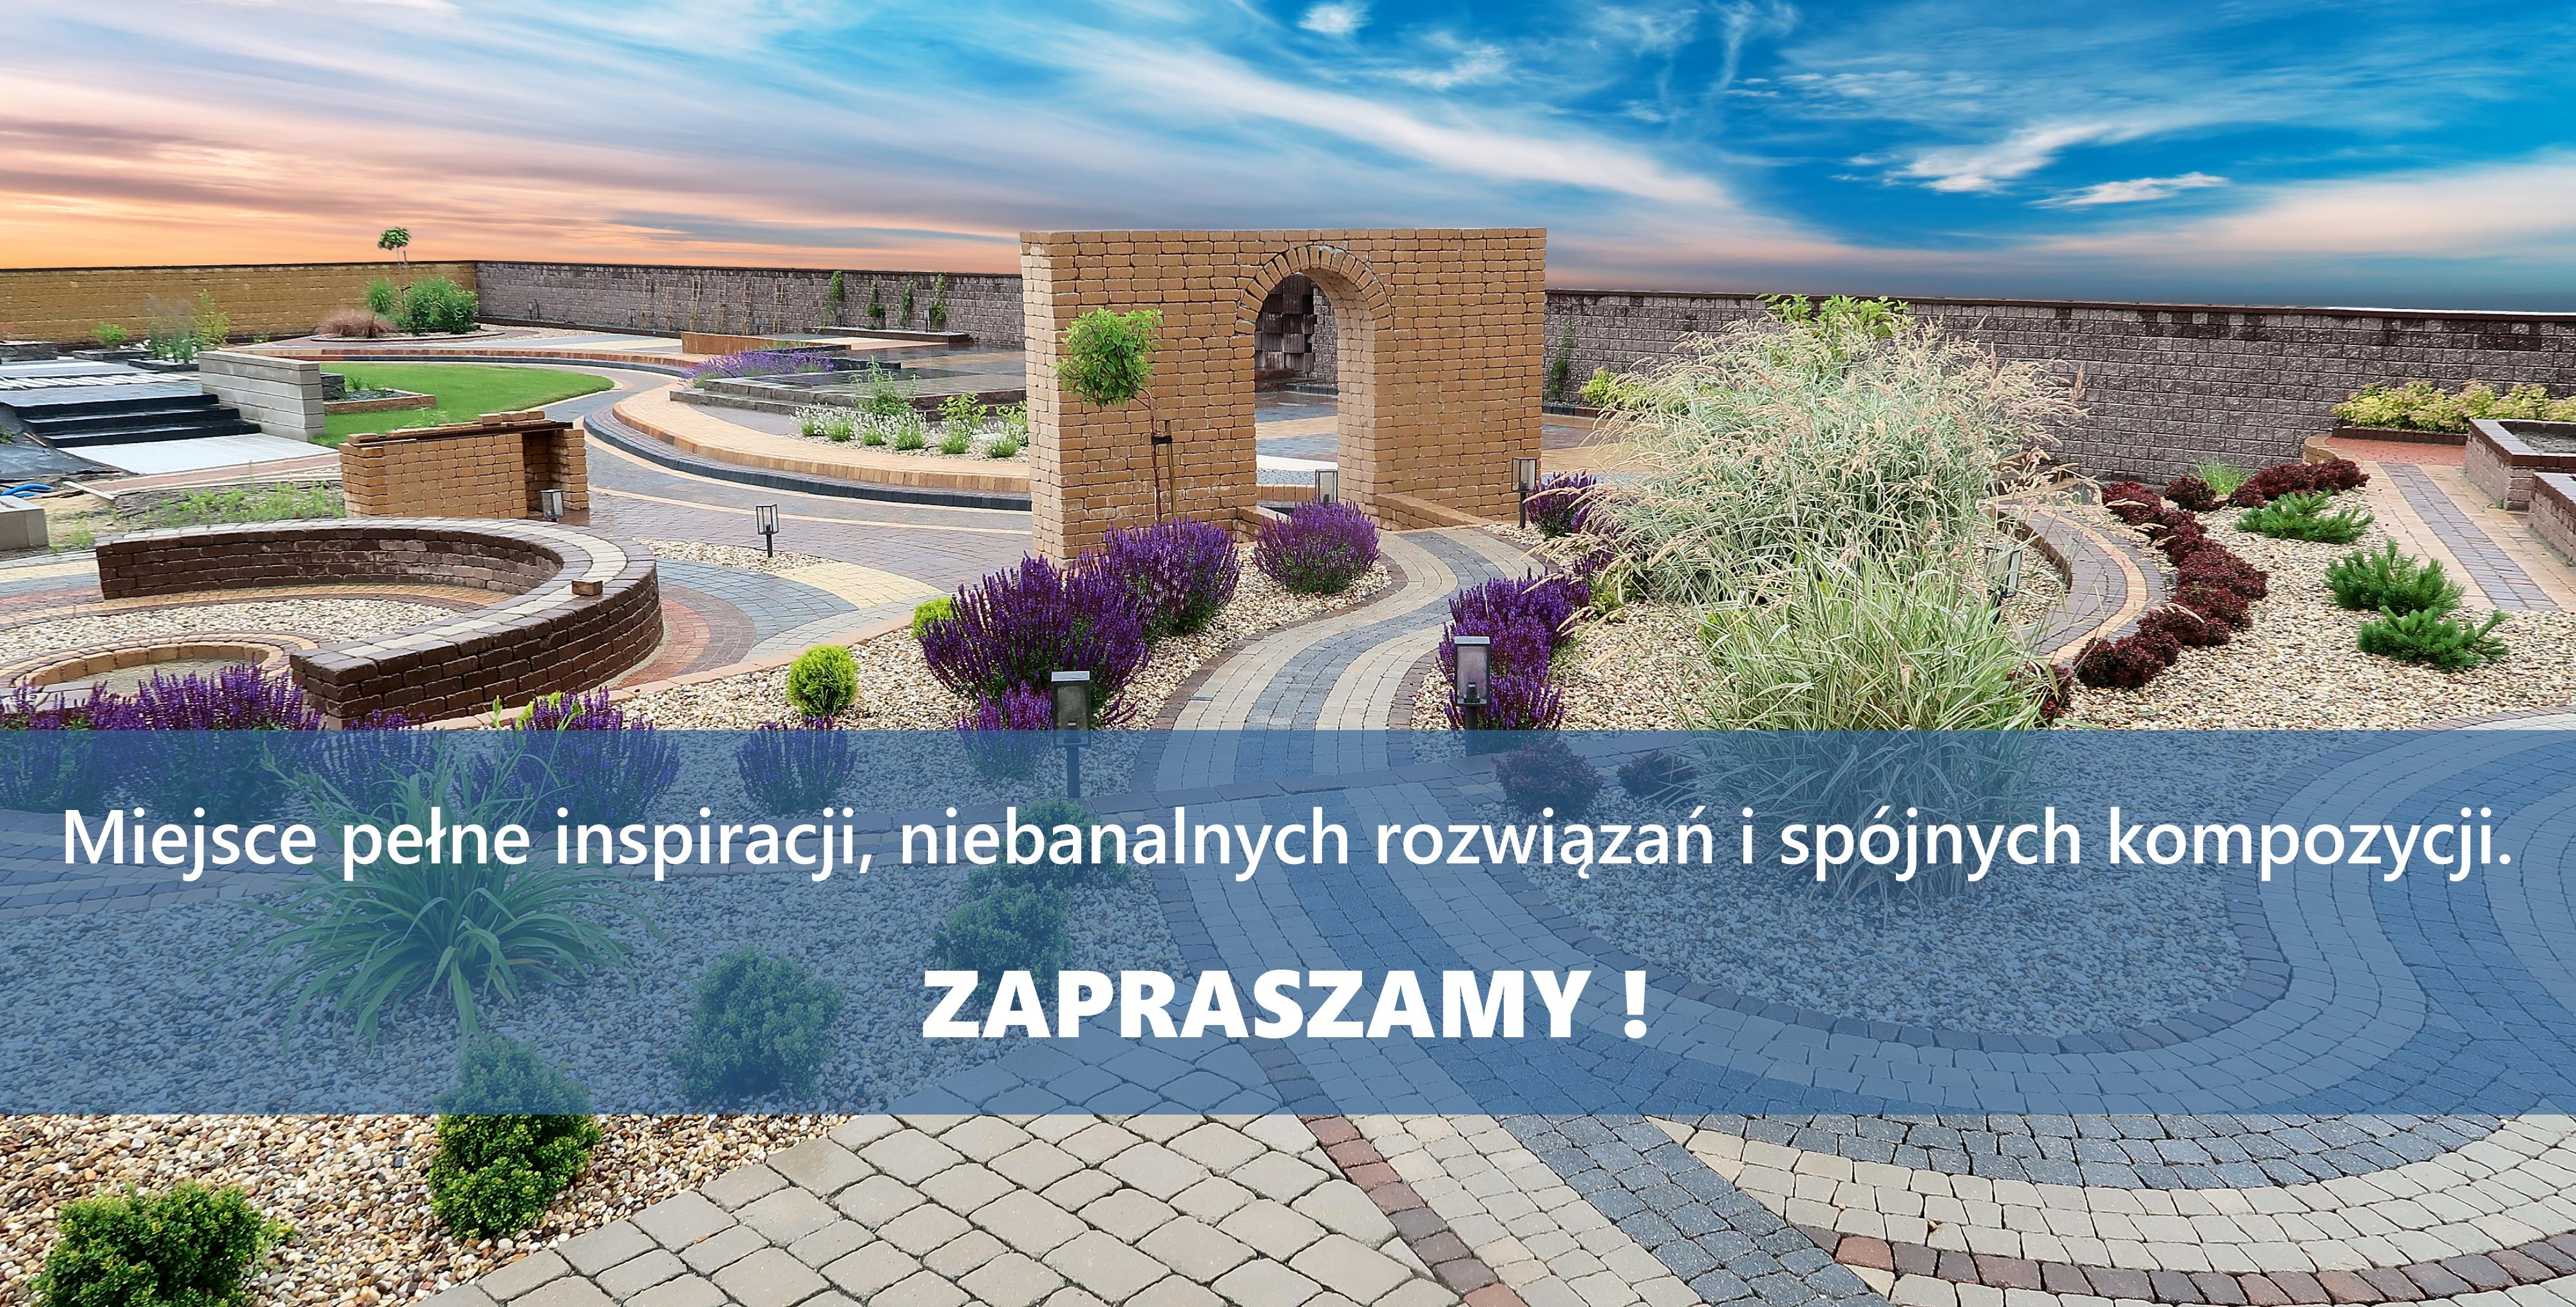 ogrod_wystawowy_slajder